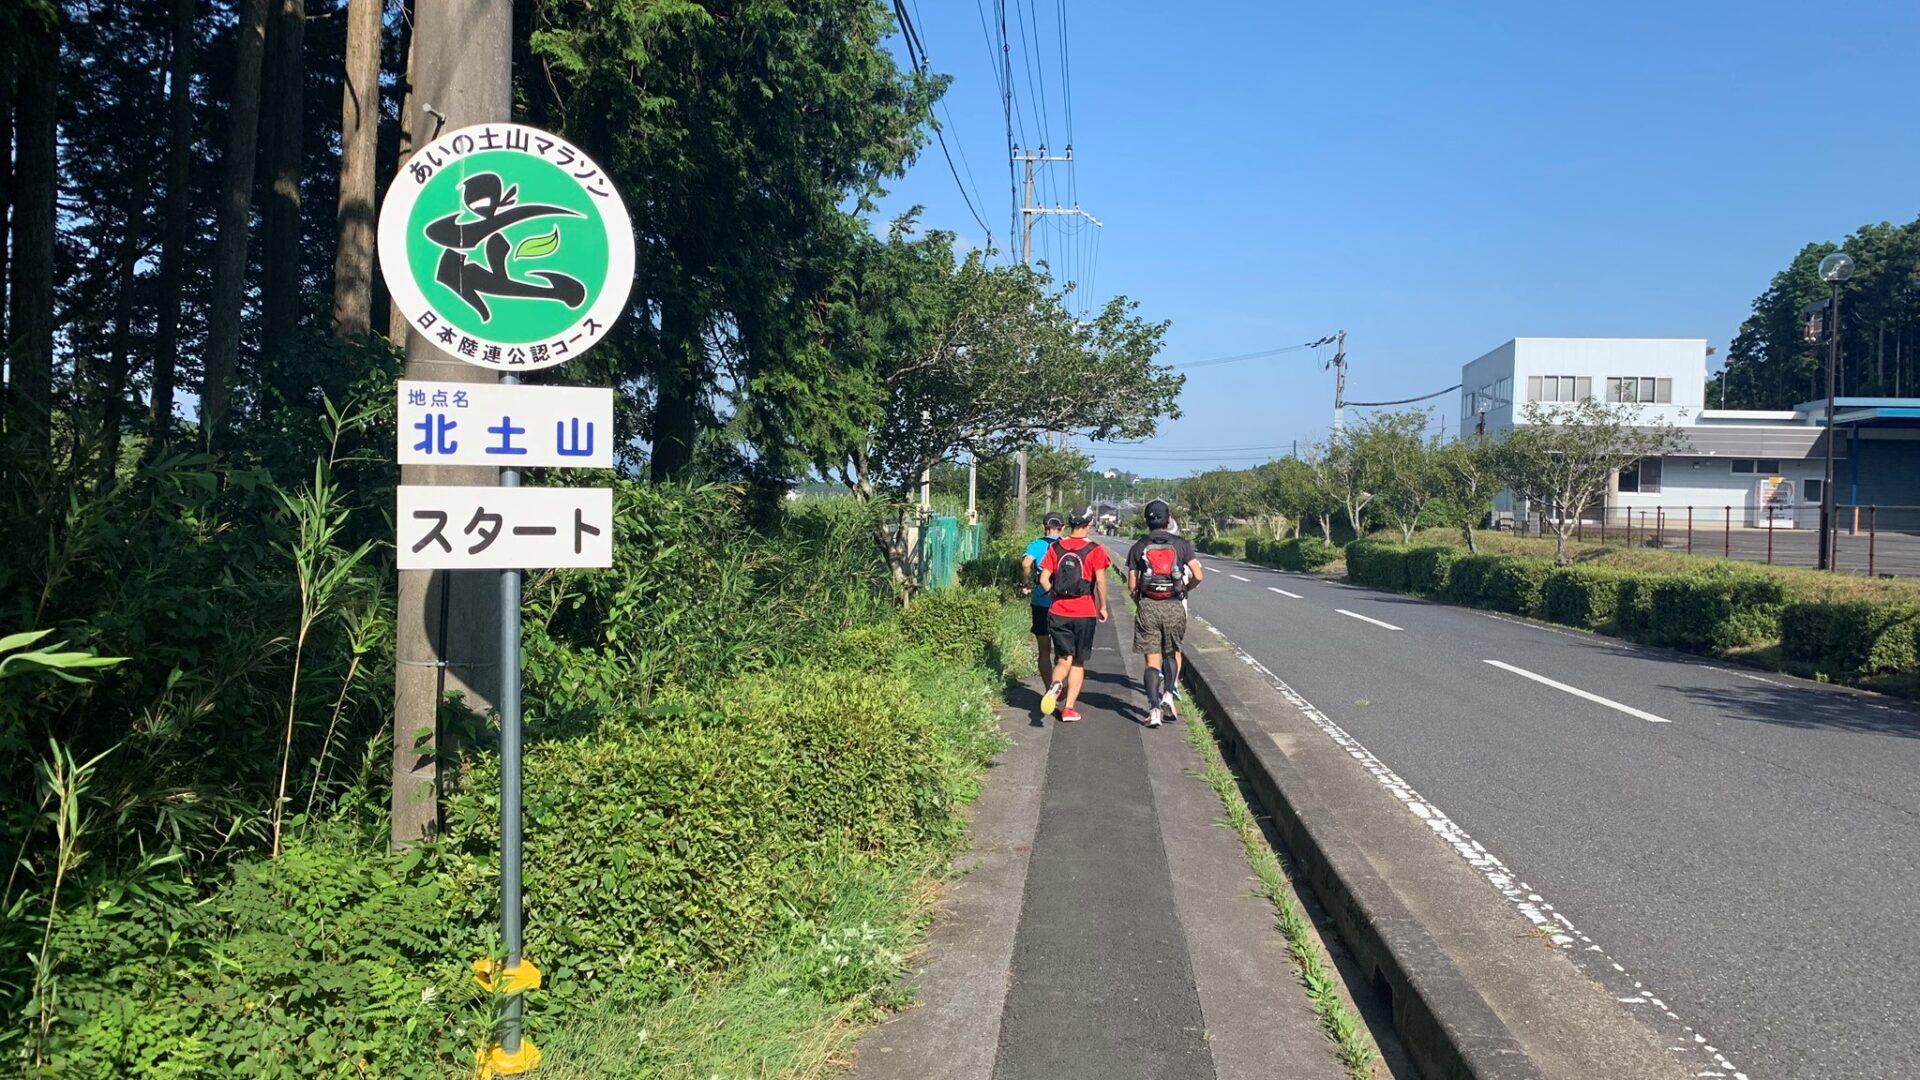 土山マラソンコース試走でようやく現実のきびしさを痛感することに